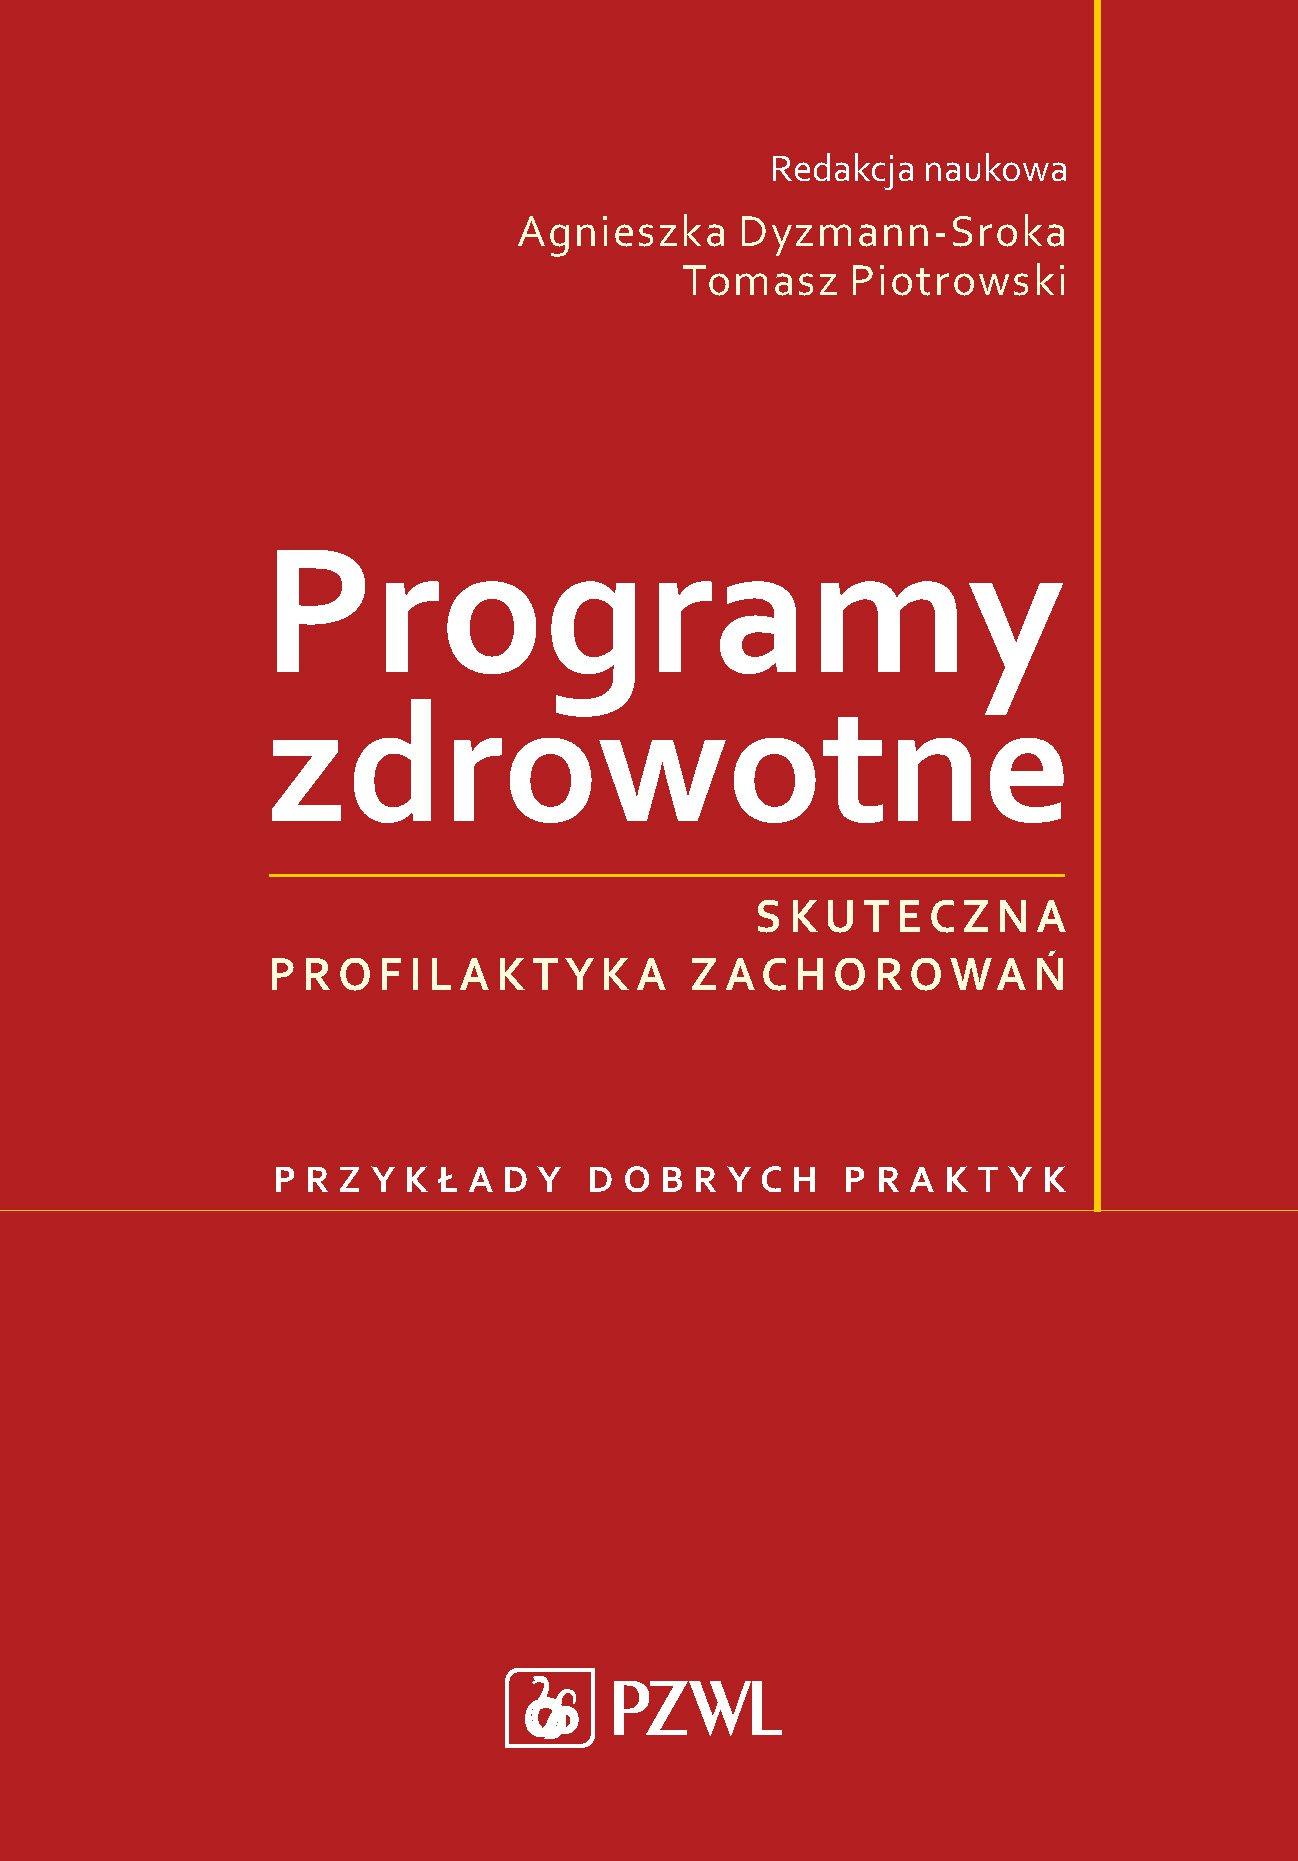 Programy zdrowotne. Skuteczna profilaktyka zachorowań - Ebook (Książka na Kindle) do pobrania w formacie MOBI